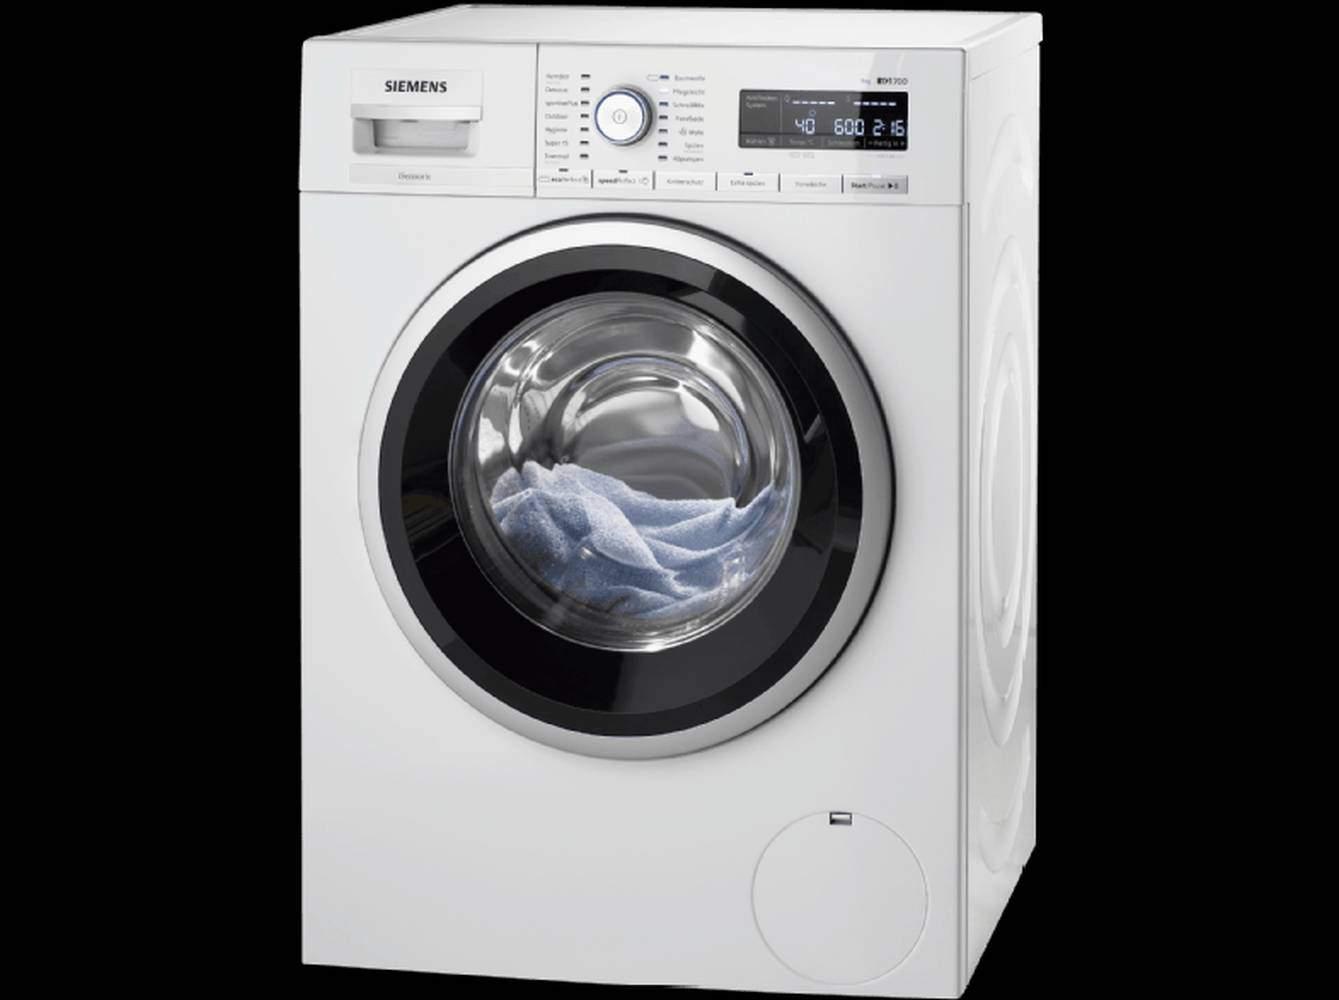 Siemens wm14w5b1 waschmaschine im test 07 2018